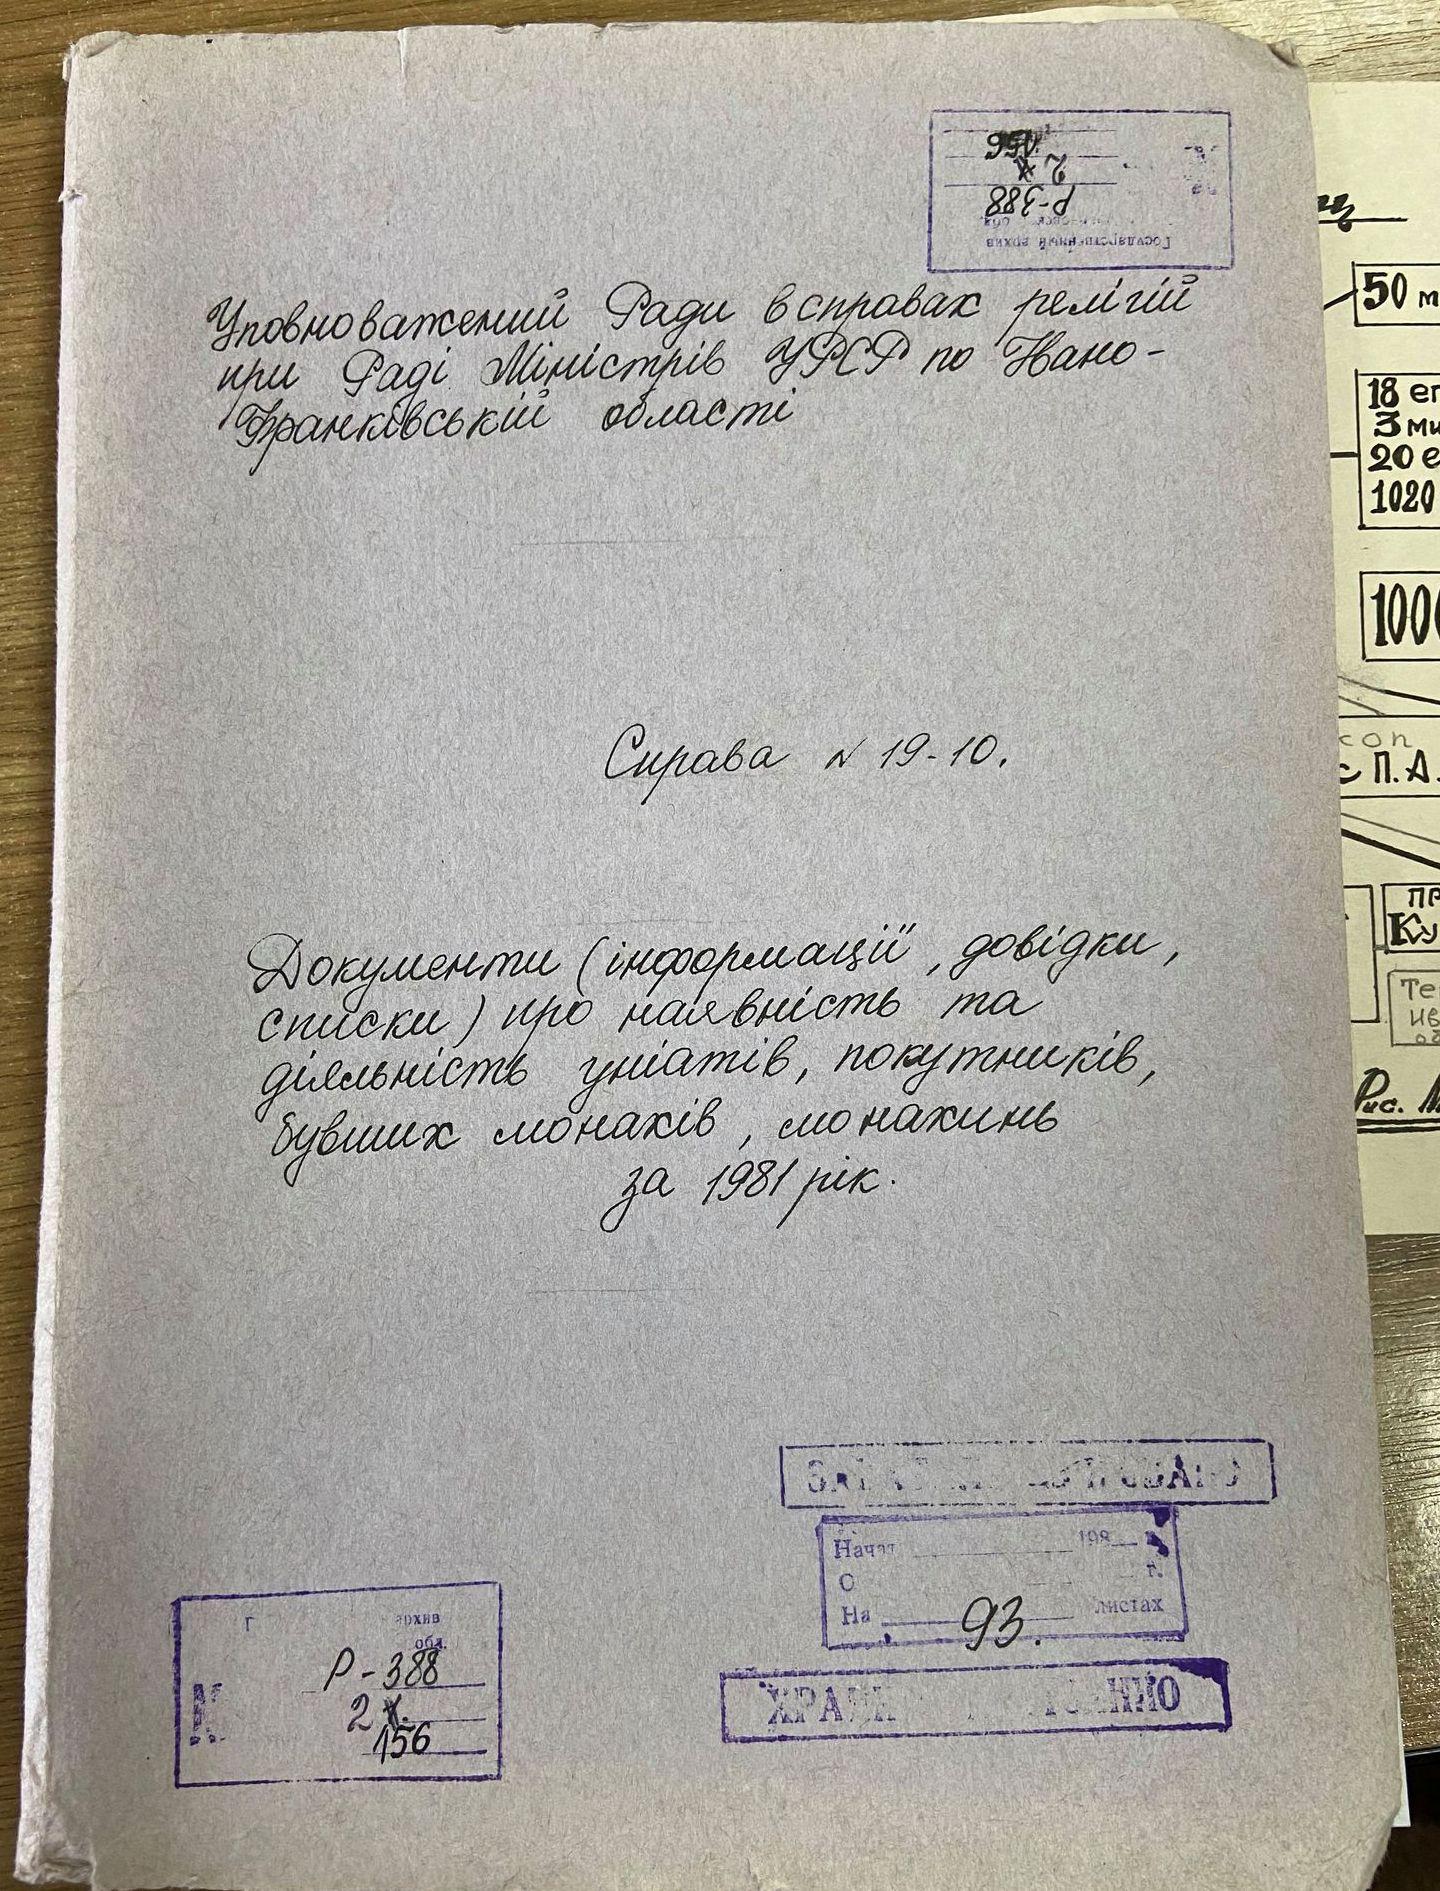 Доповідна Уповноваженого у справах релігій Івано-Франківської області - фото 70737